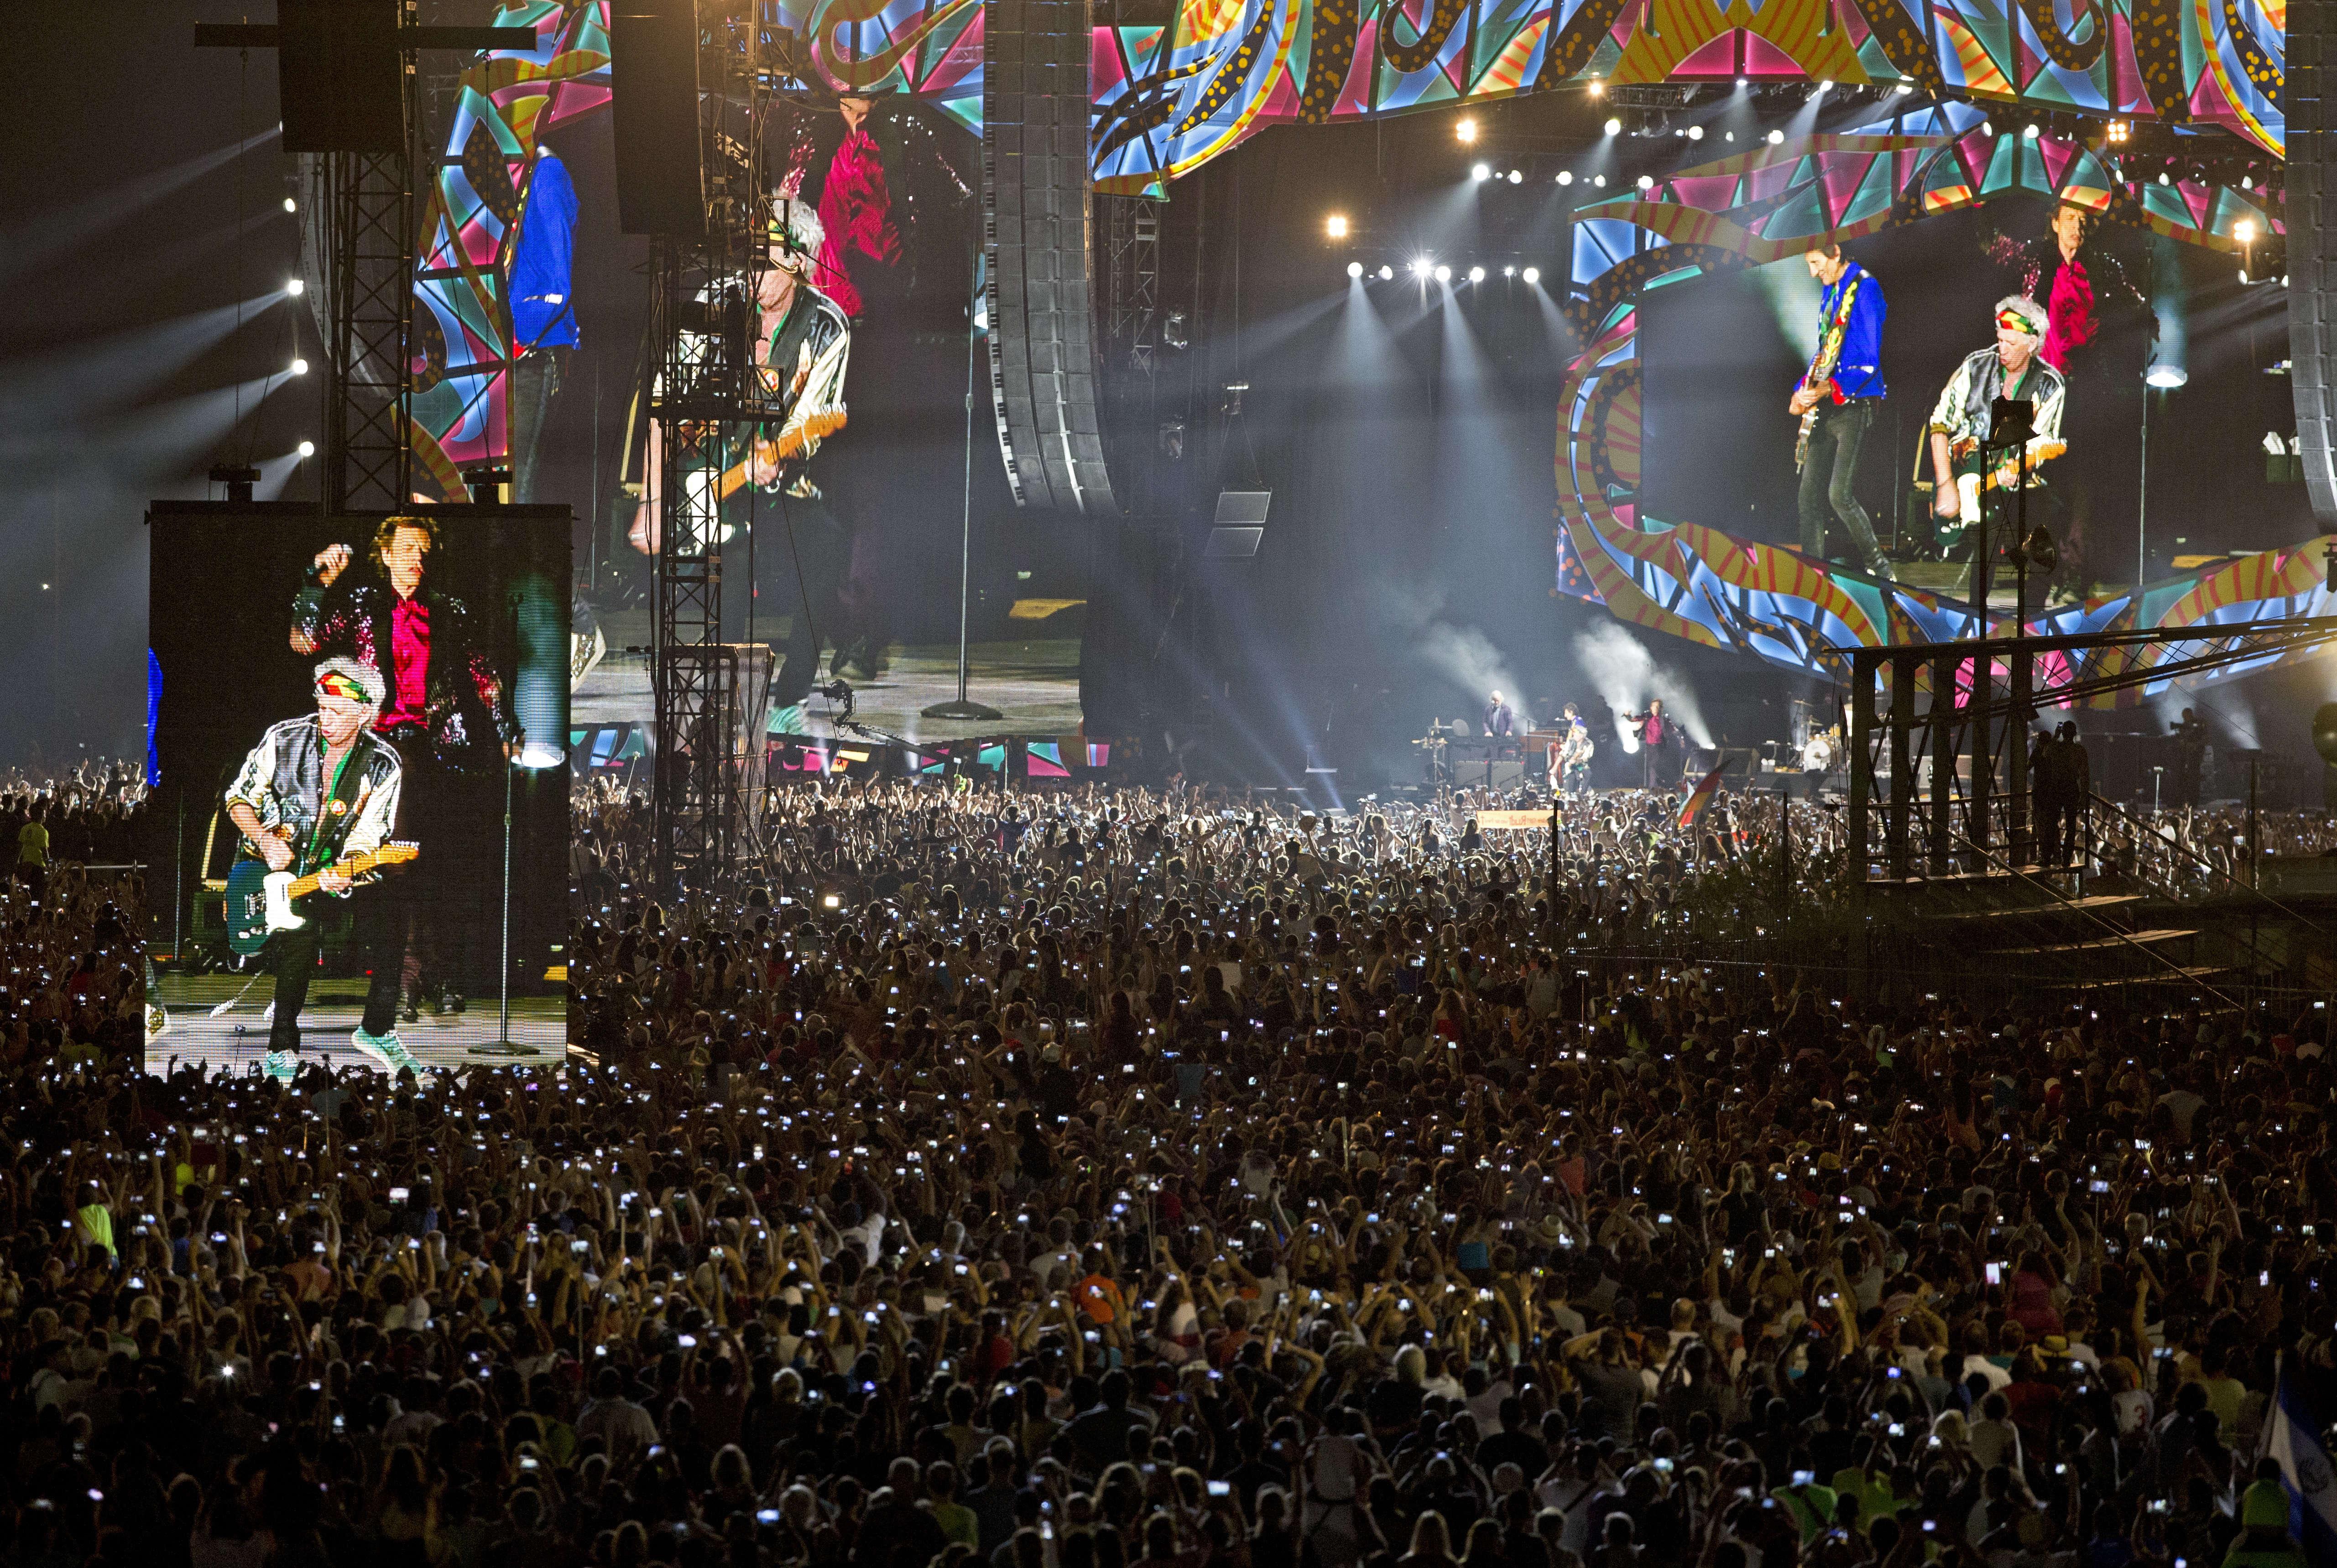 Plus d'un demi-million de personnes sont venues assister, vendredi 25 mars, au concert gratuit des Rolling Stones à La Havane.